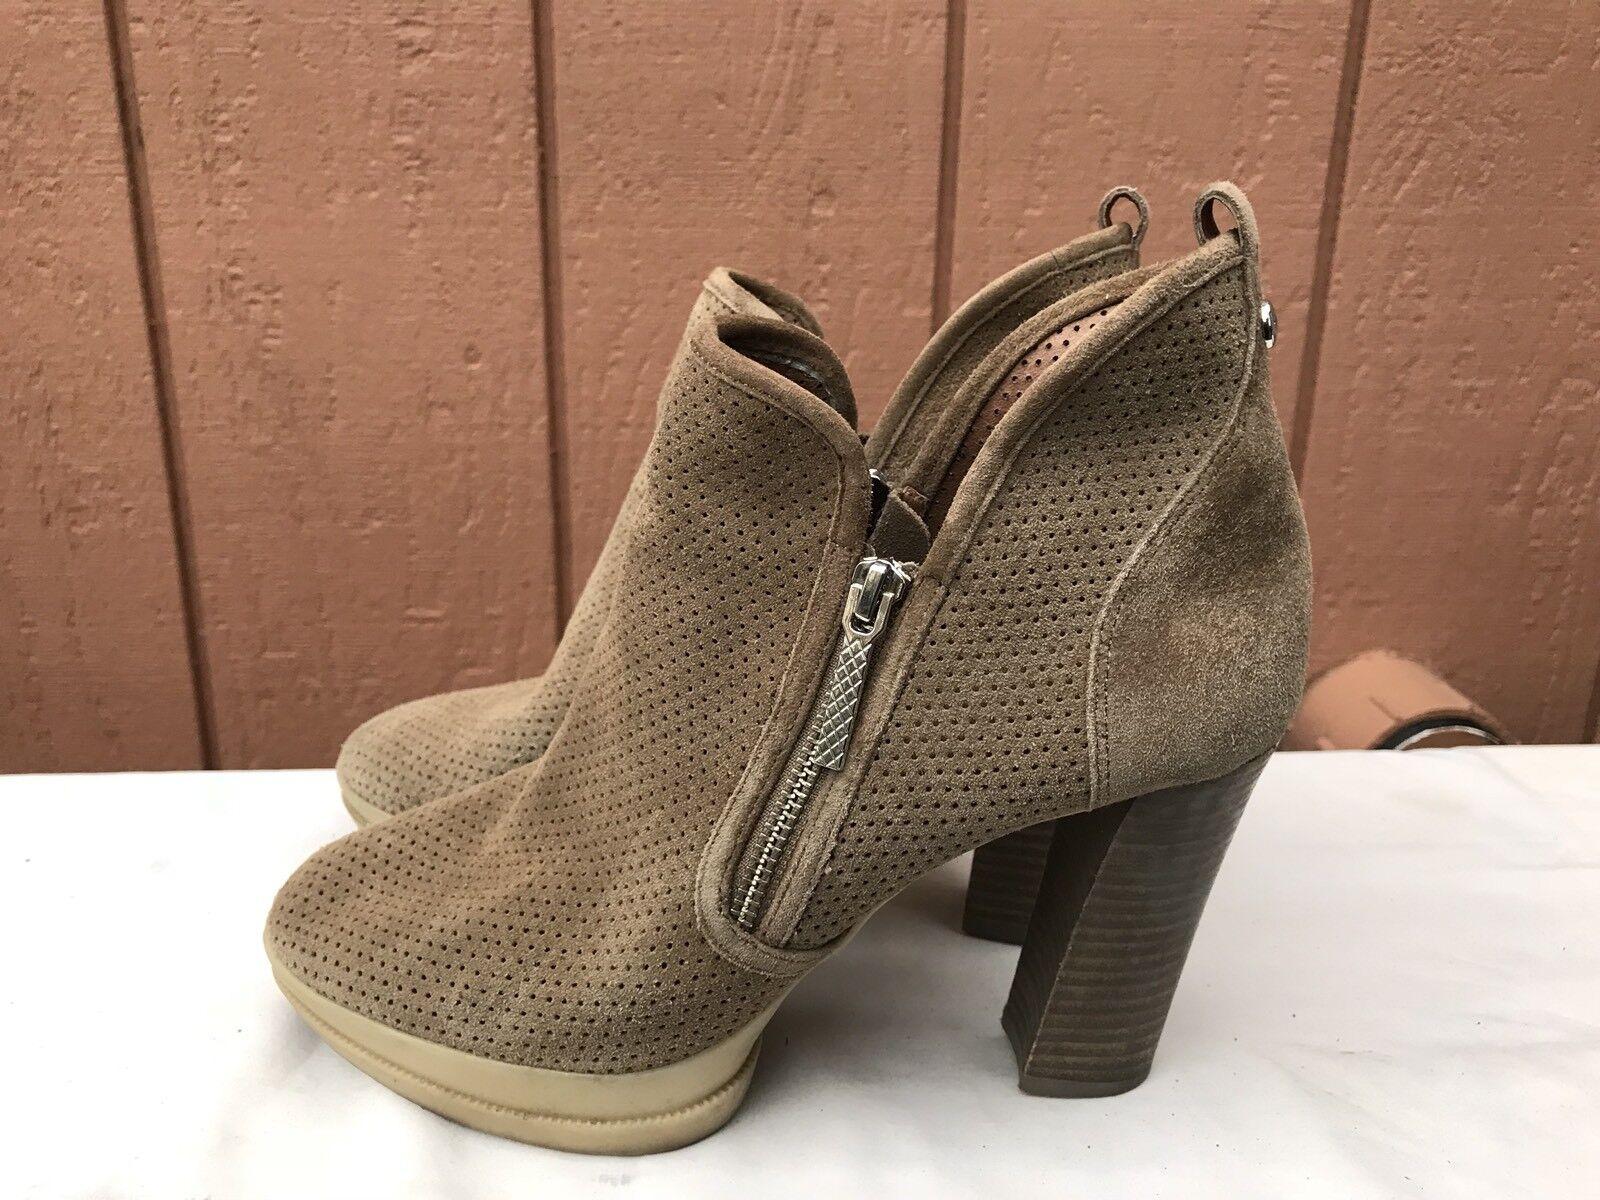 EUC Women's Ankle Boots D J Pliner Malta US 8.5 Beige Suede